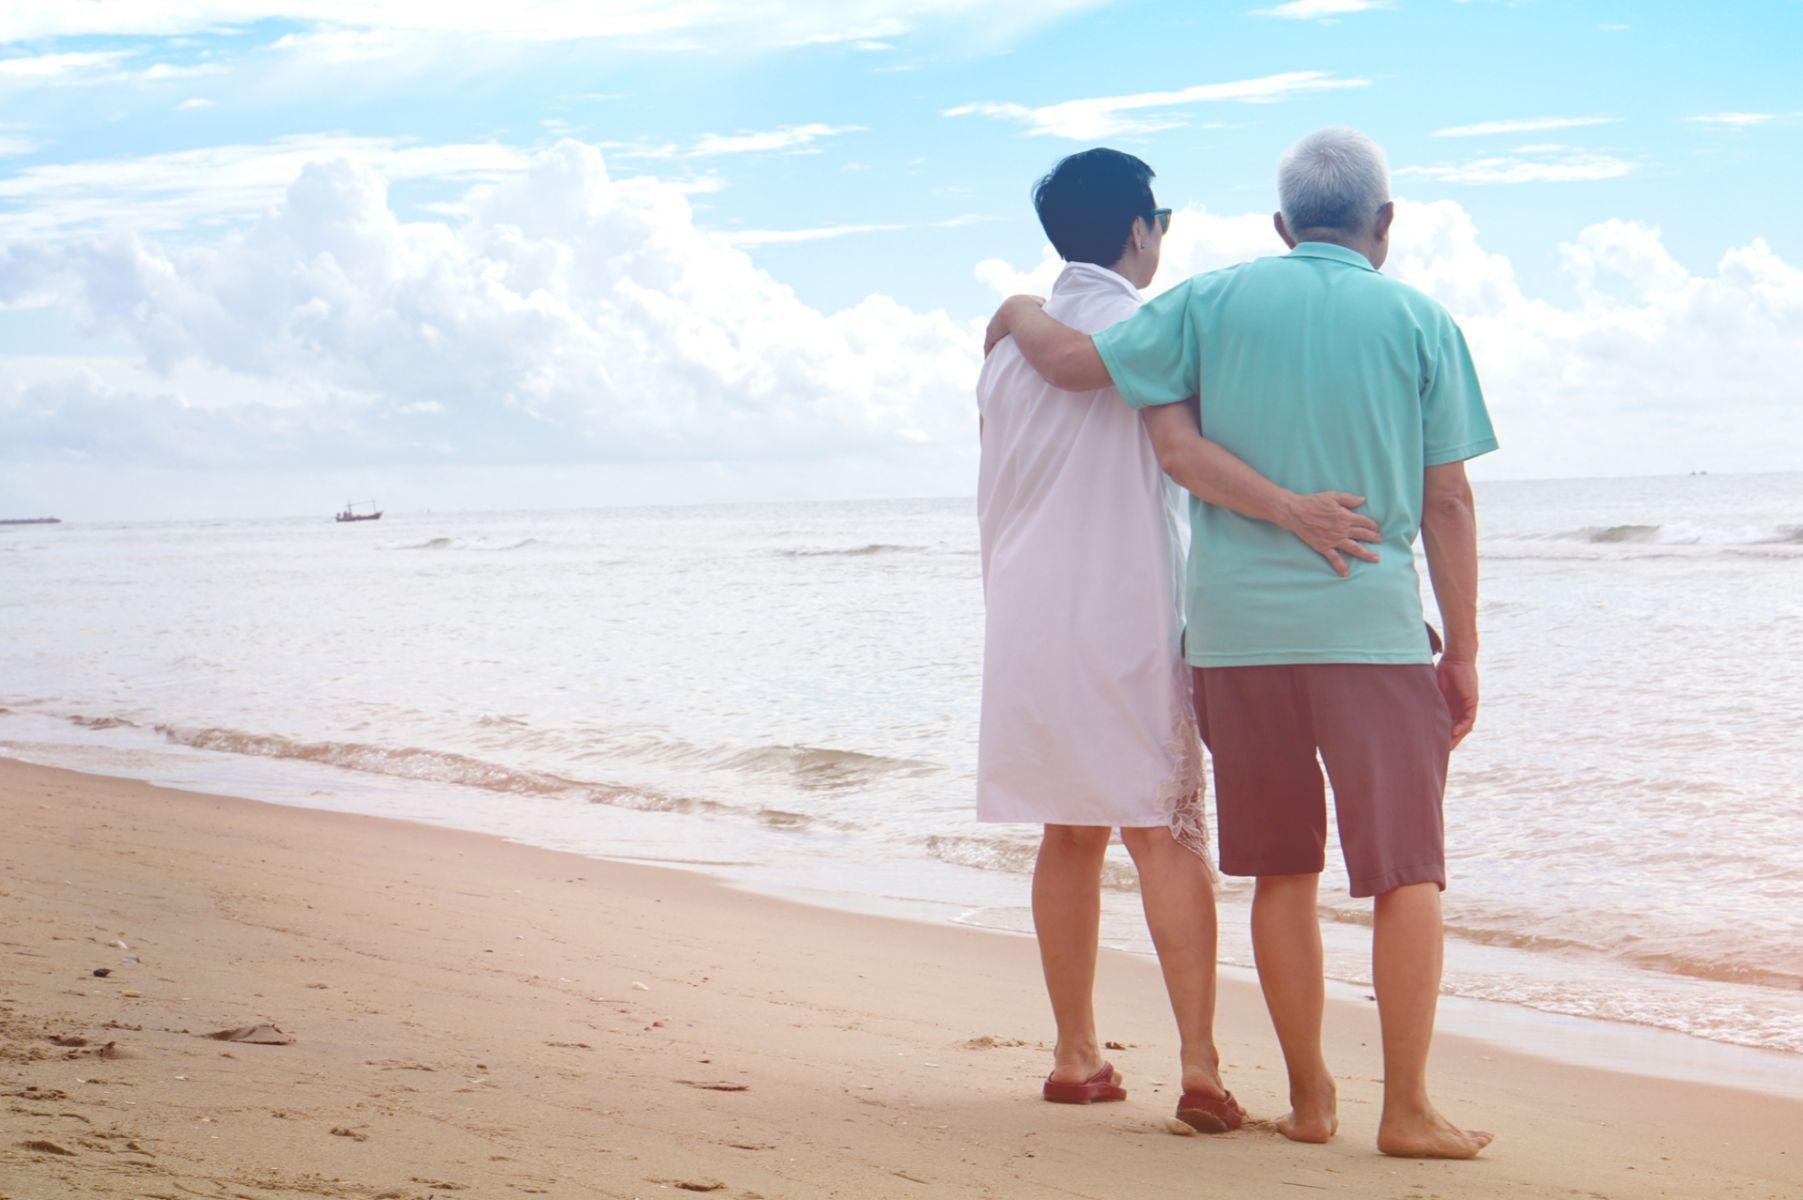 我的60歲瘋狂老媽:登百岳、玩交友軟體,最後到澳洲結婚去!